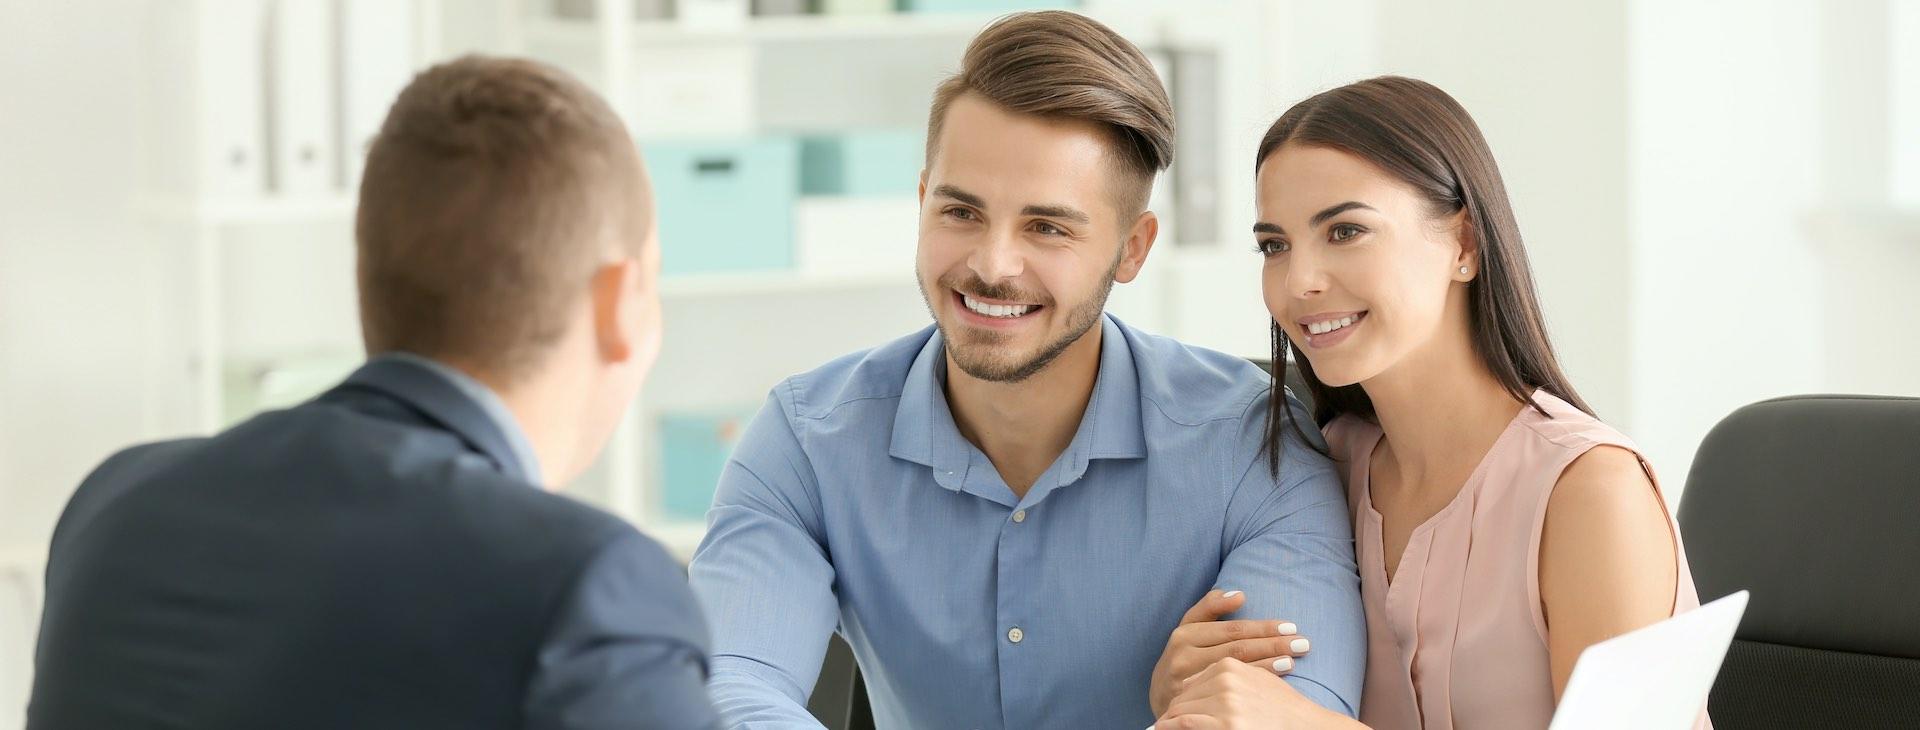 Immobilienmakler Lilienthal Bremen – UC Immobilien – Verkaufsgespräch – UC Immobilien